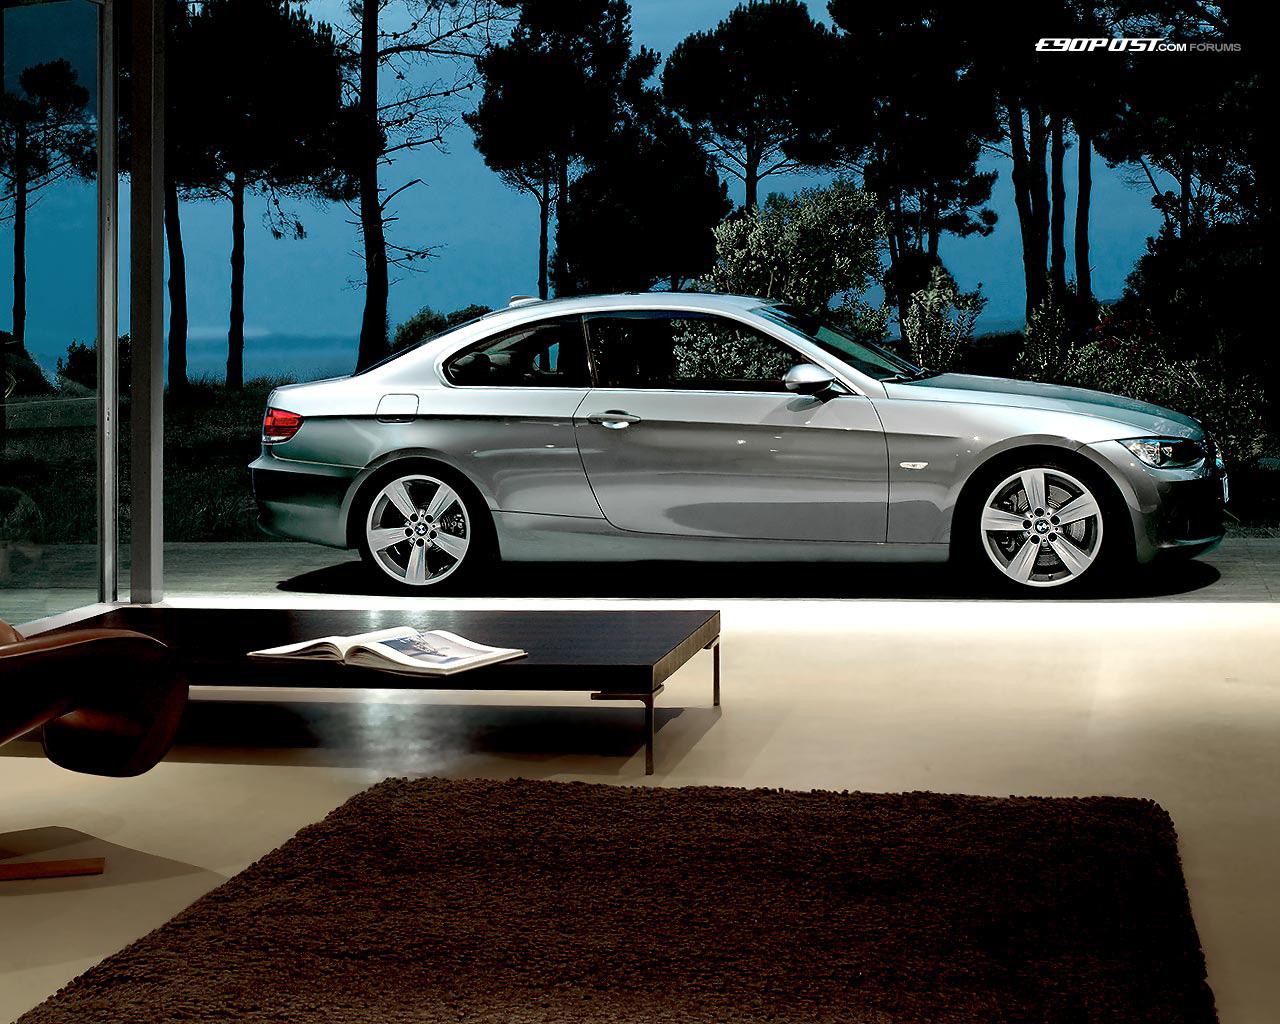 E92 COUPE (BMW 335i / 328i) OFFICIAL BMW PRESS RELEASE + PHOTOS - BMW